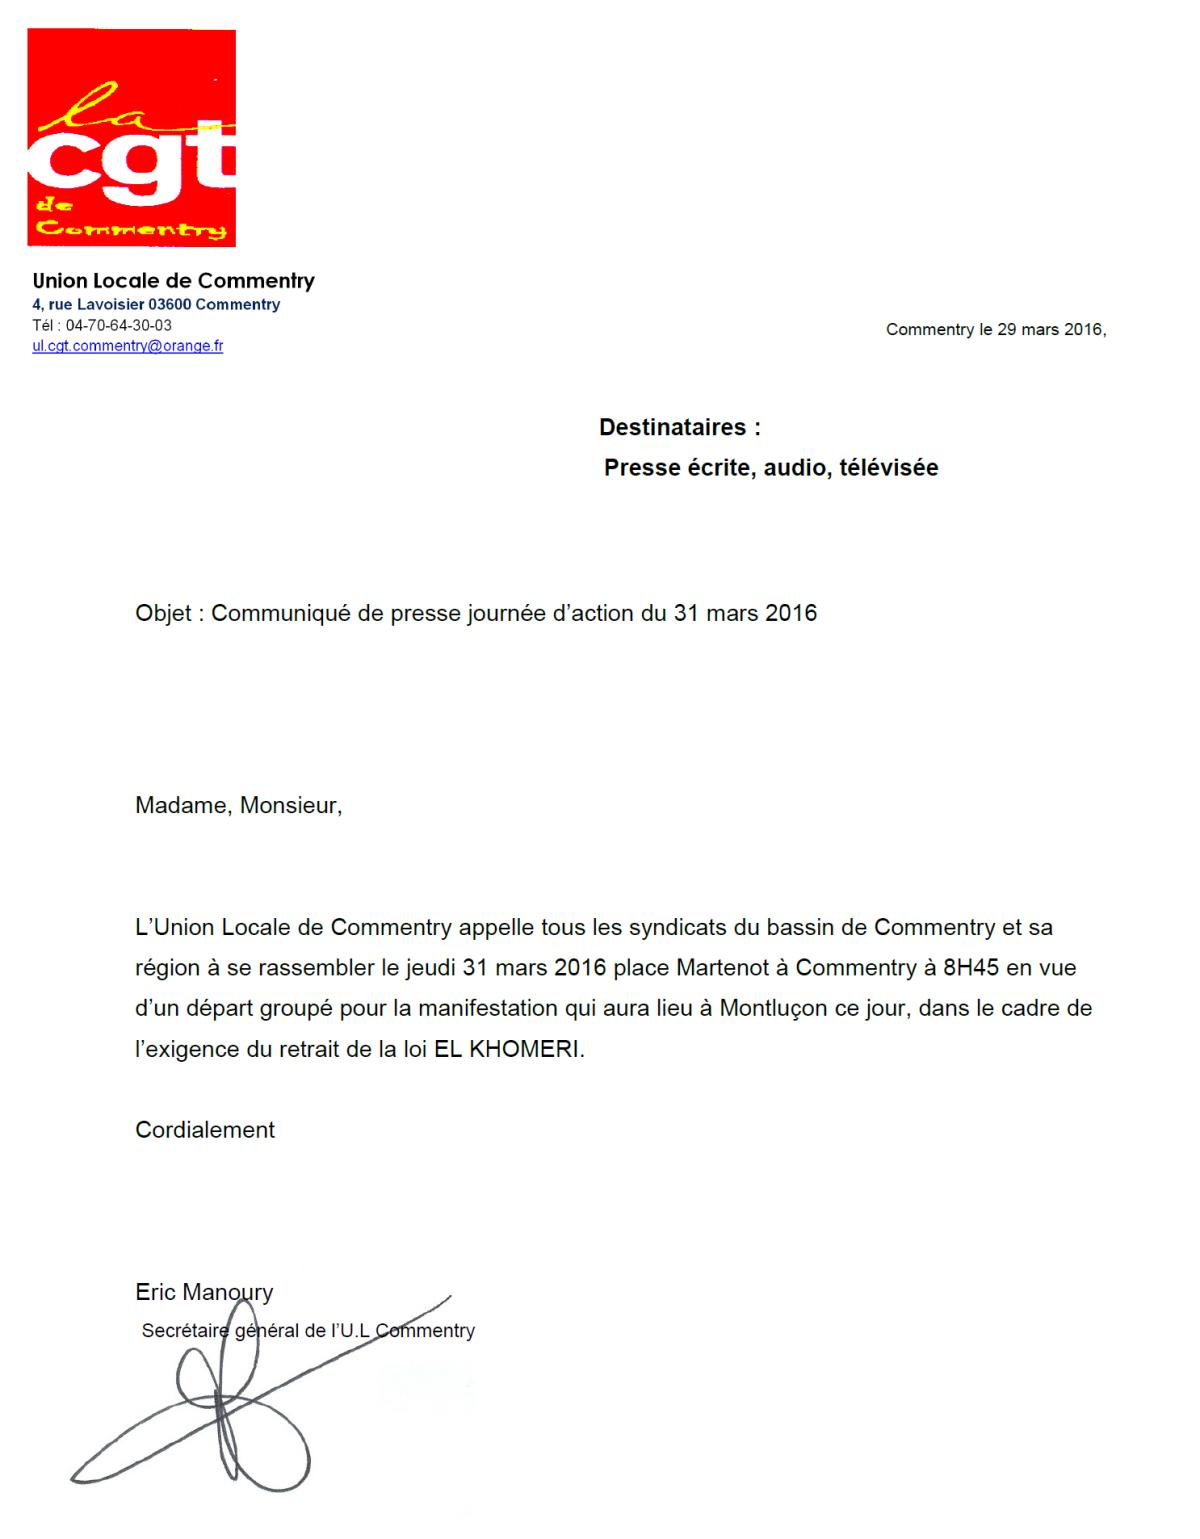 Les syndicats CGT de Commentry viendront groupés à la manifestation du 31 mars sur Montluçon